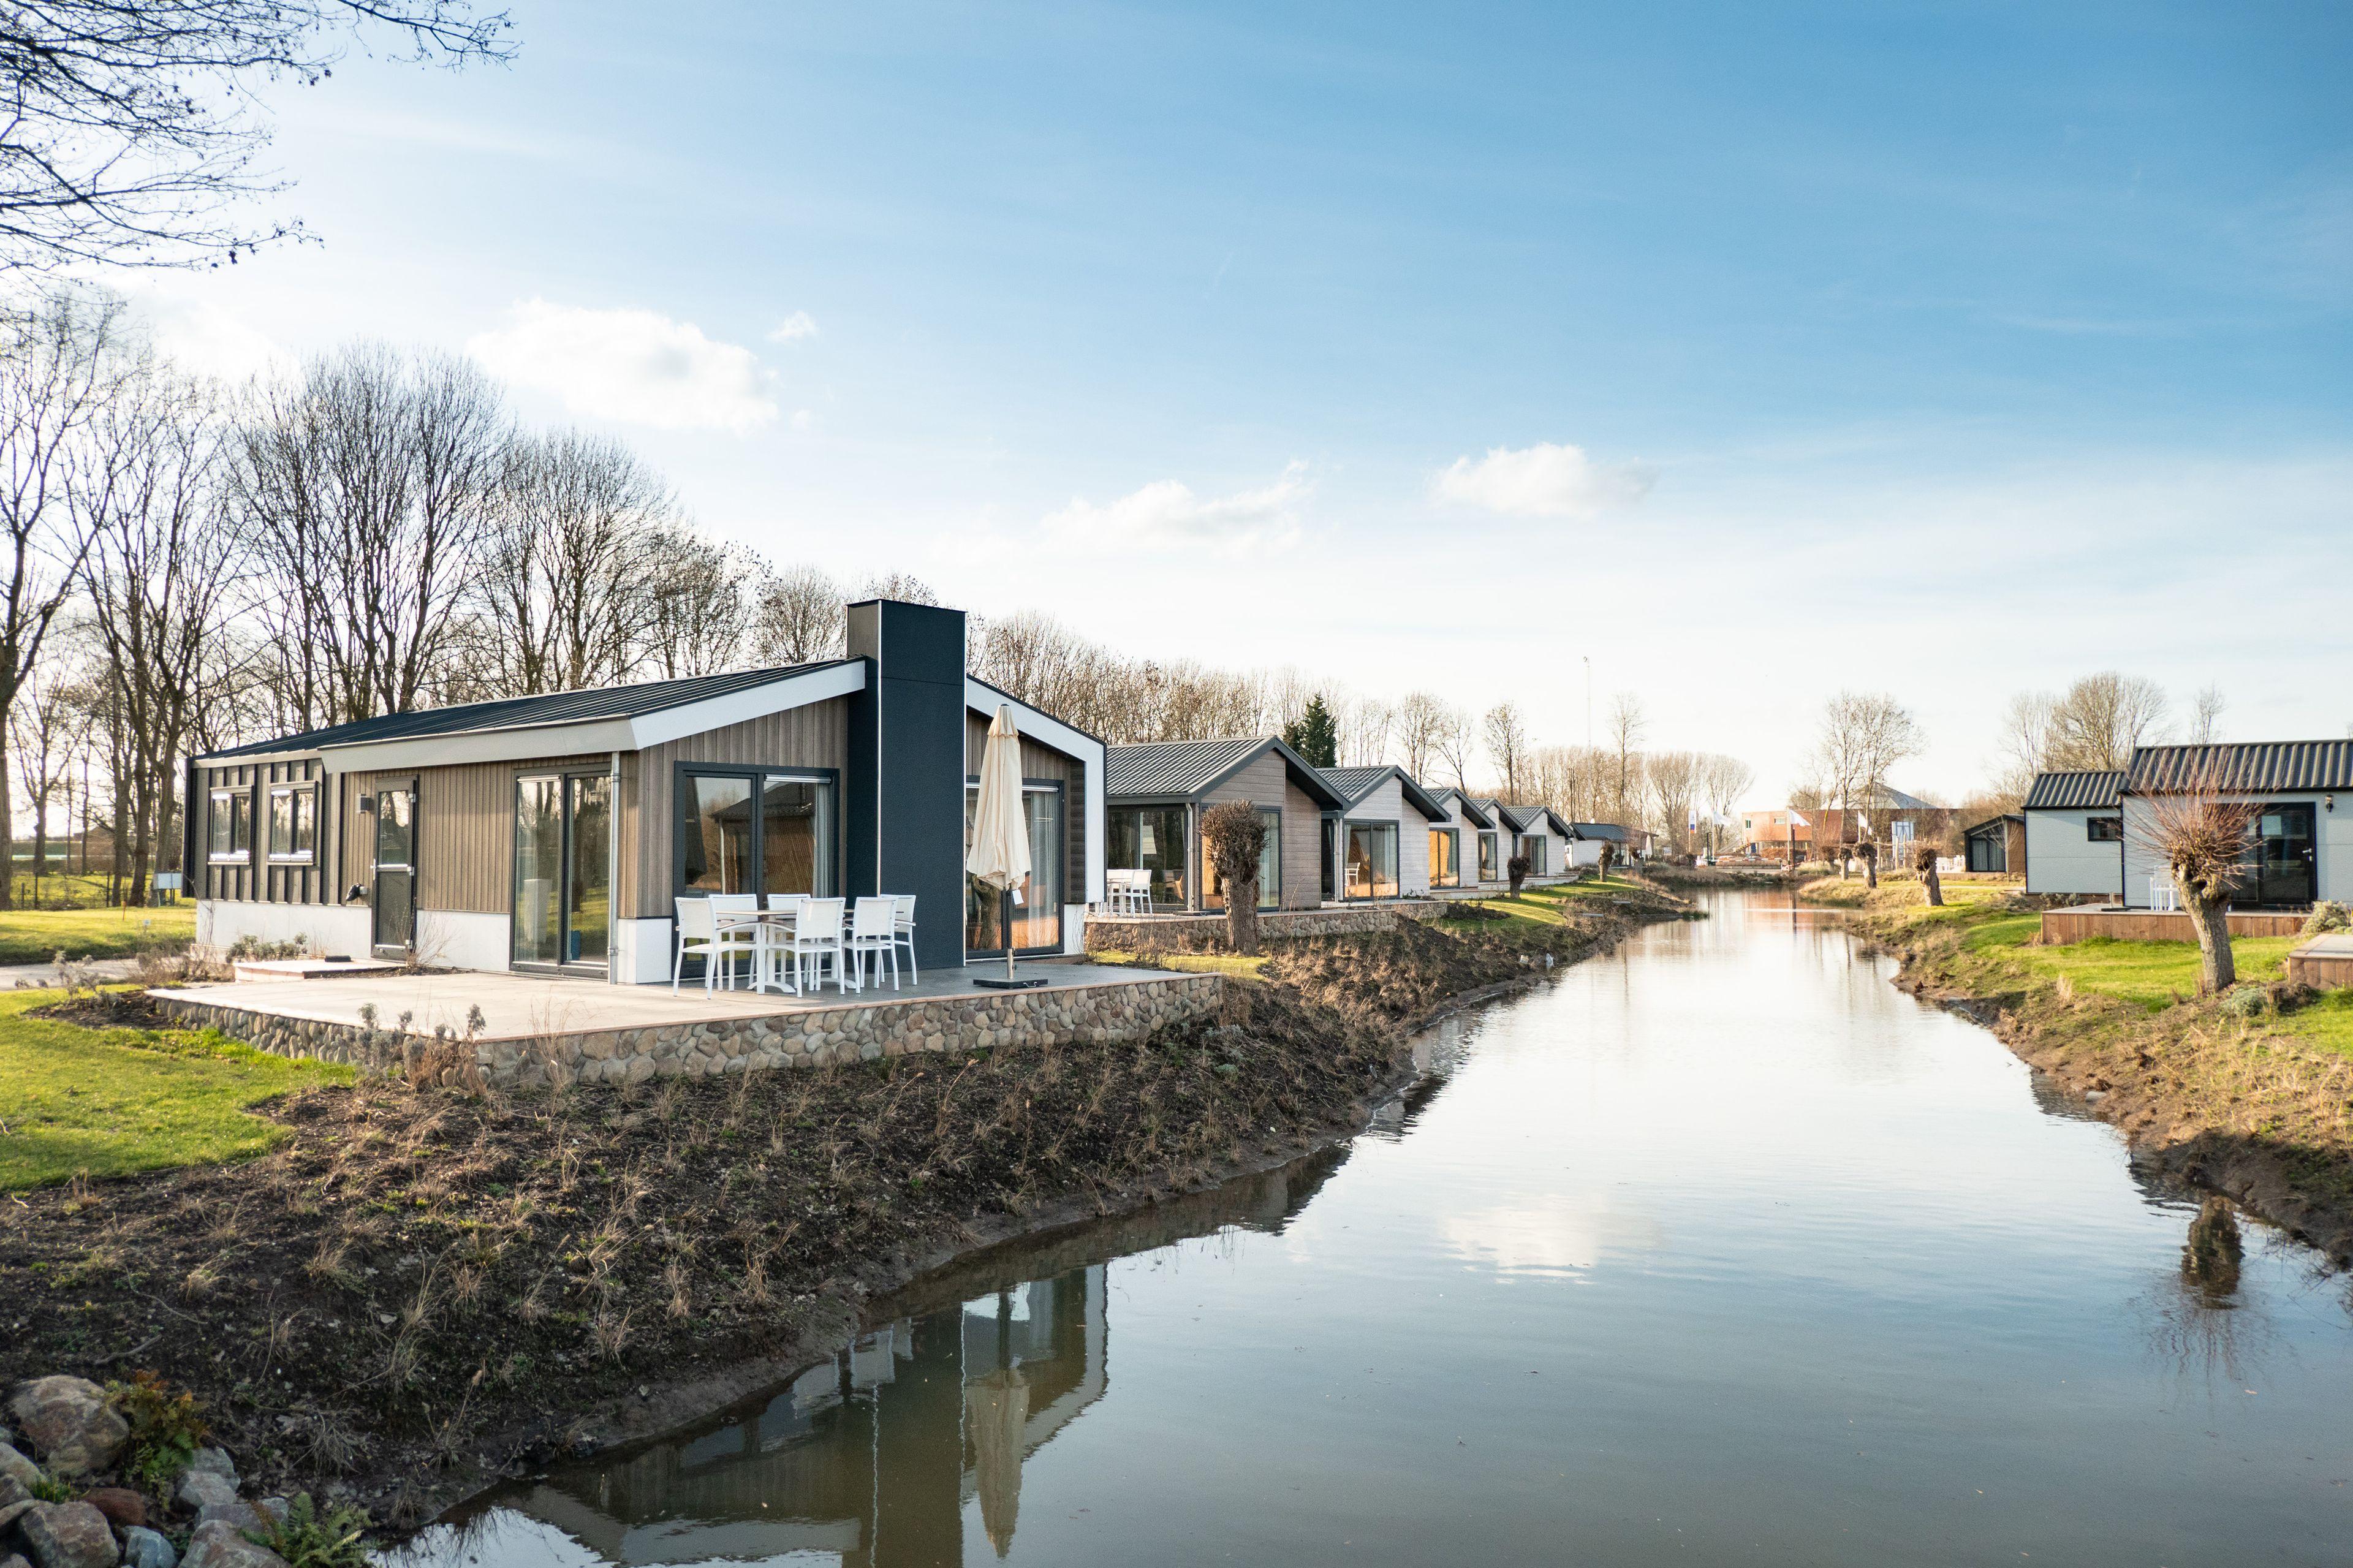 TIP vakantiehuisje  🏕️EuroParcs Resort aan de Maas